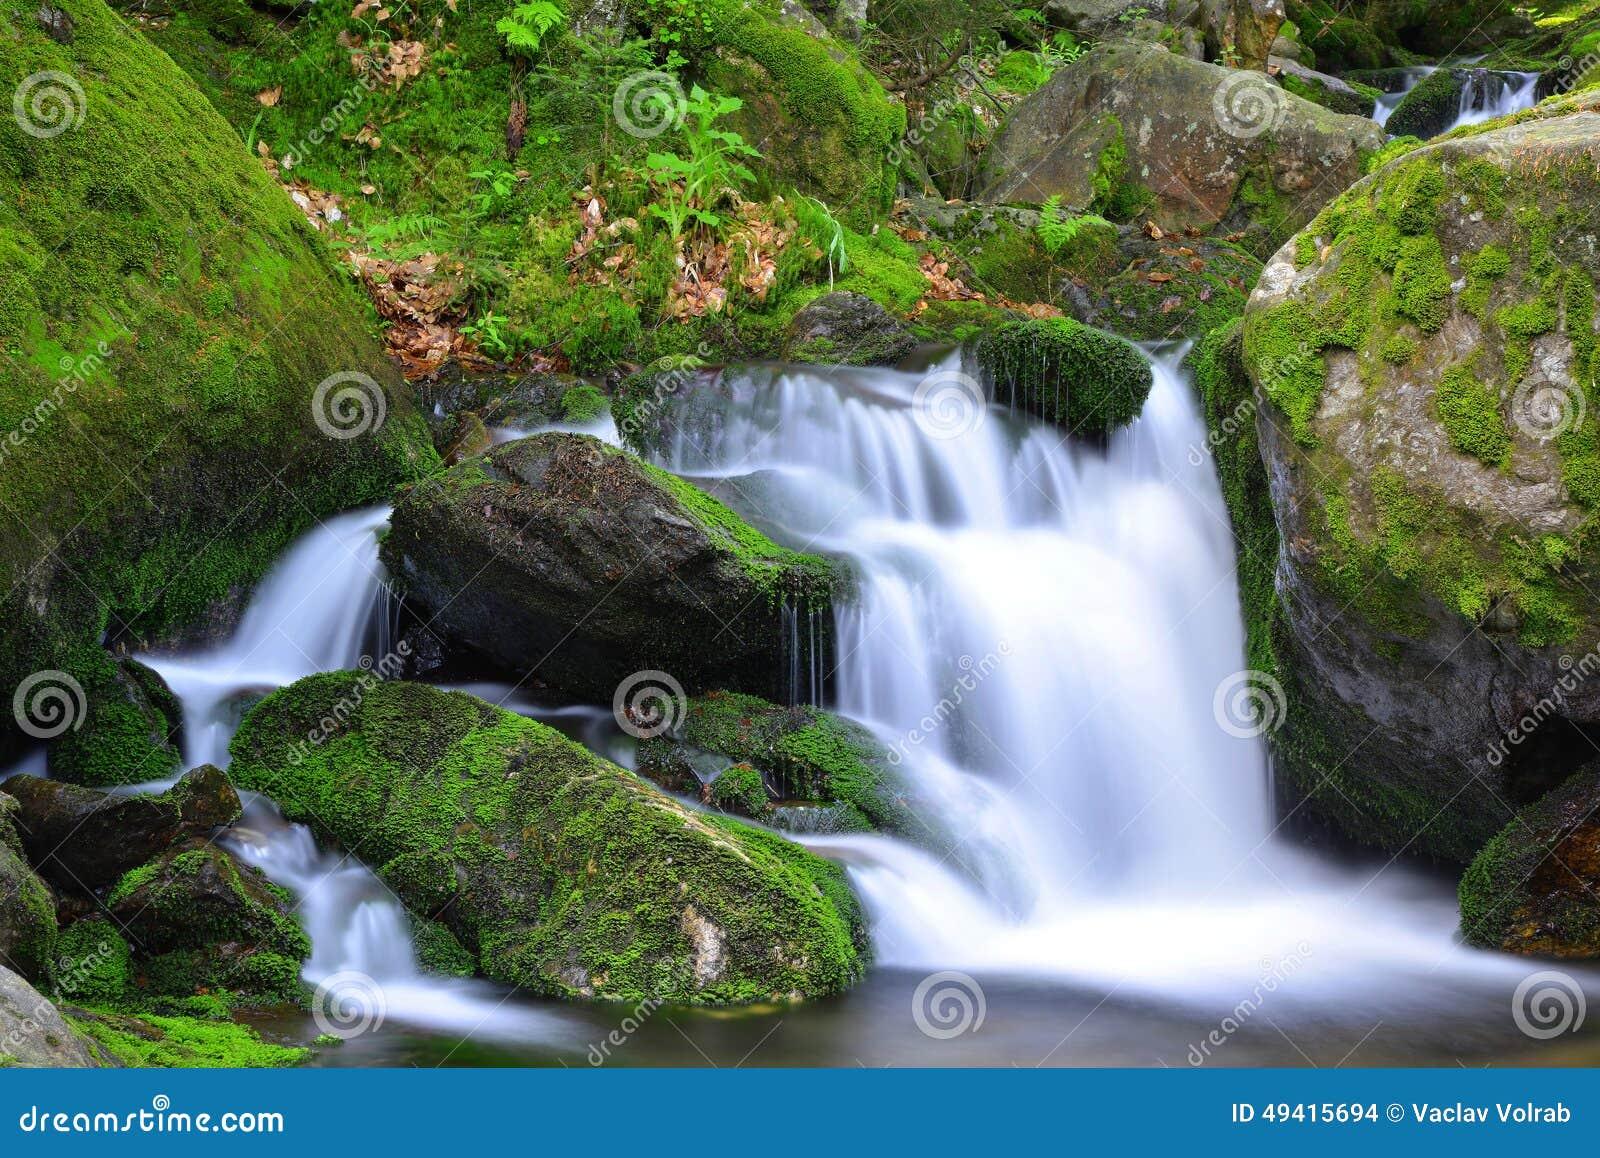 Download Wasserfall stockfoto. Bild von nave, stein, frech, spritzen - 49415694